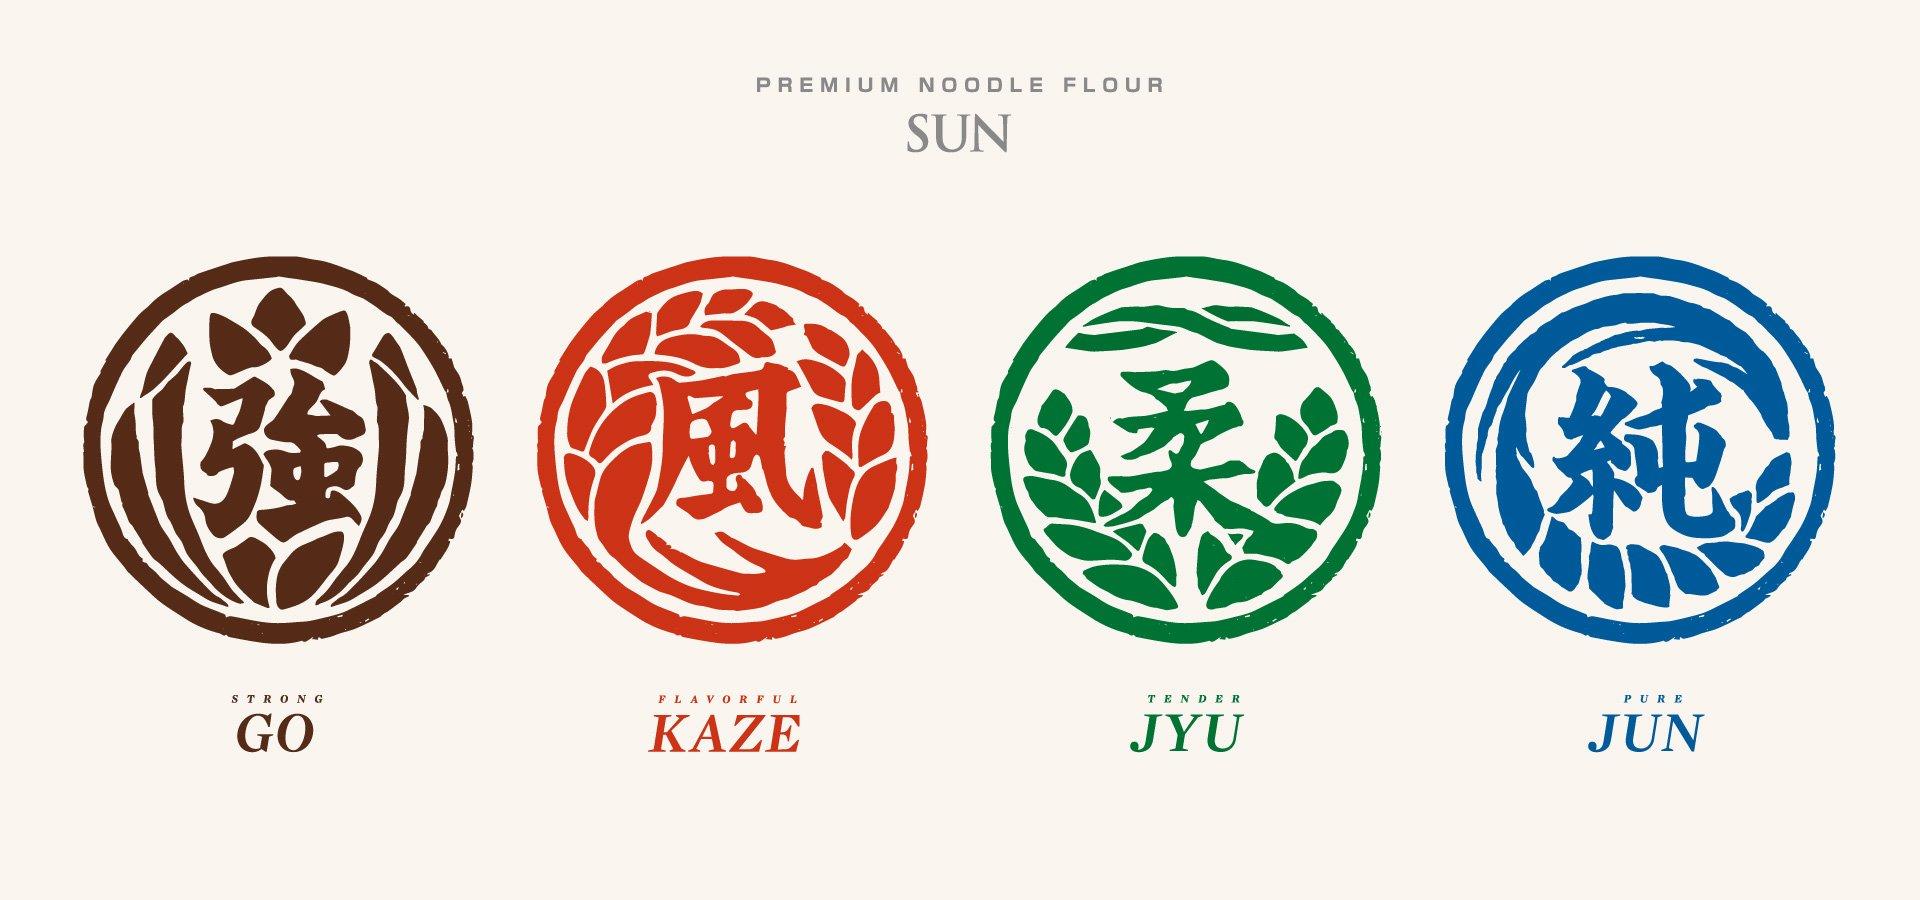 Sun Noodle Flour Symbols